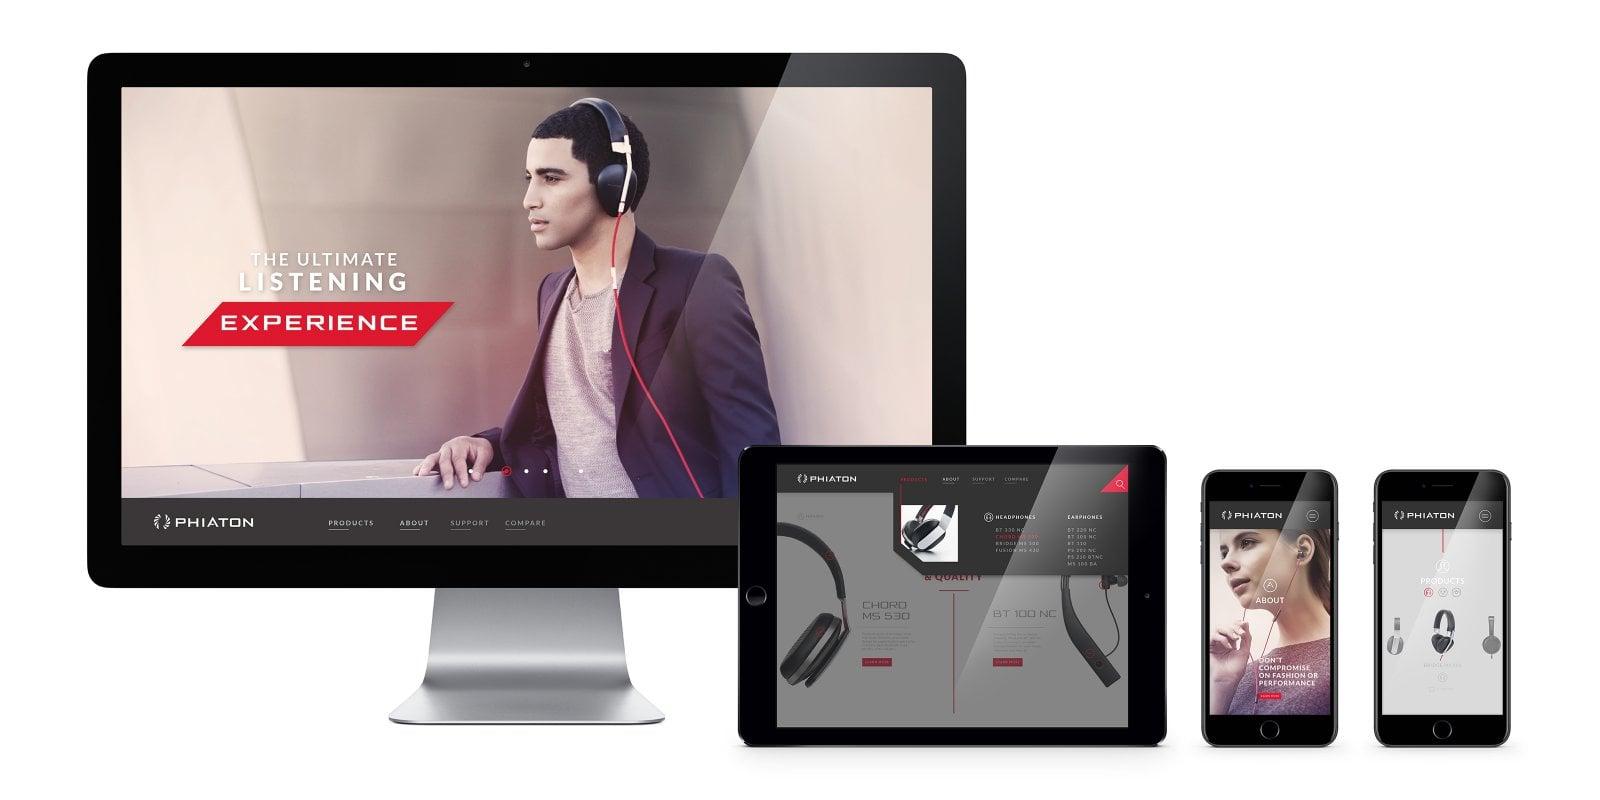 Phiaton Headphones Website-Banner Image